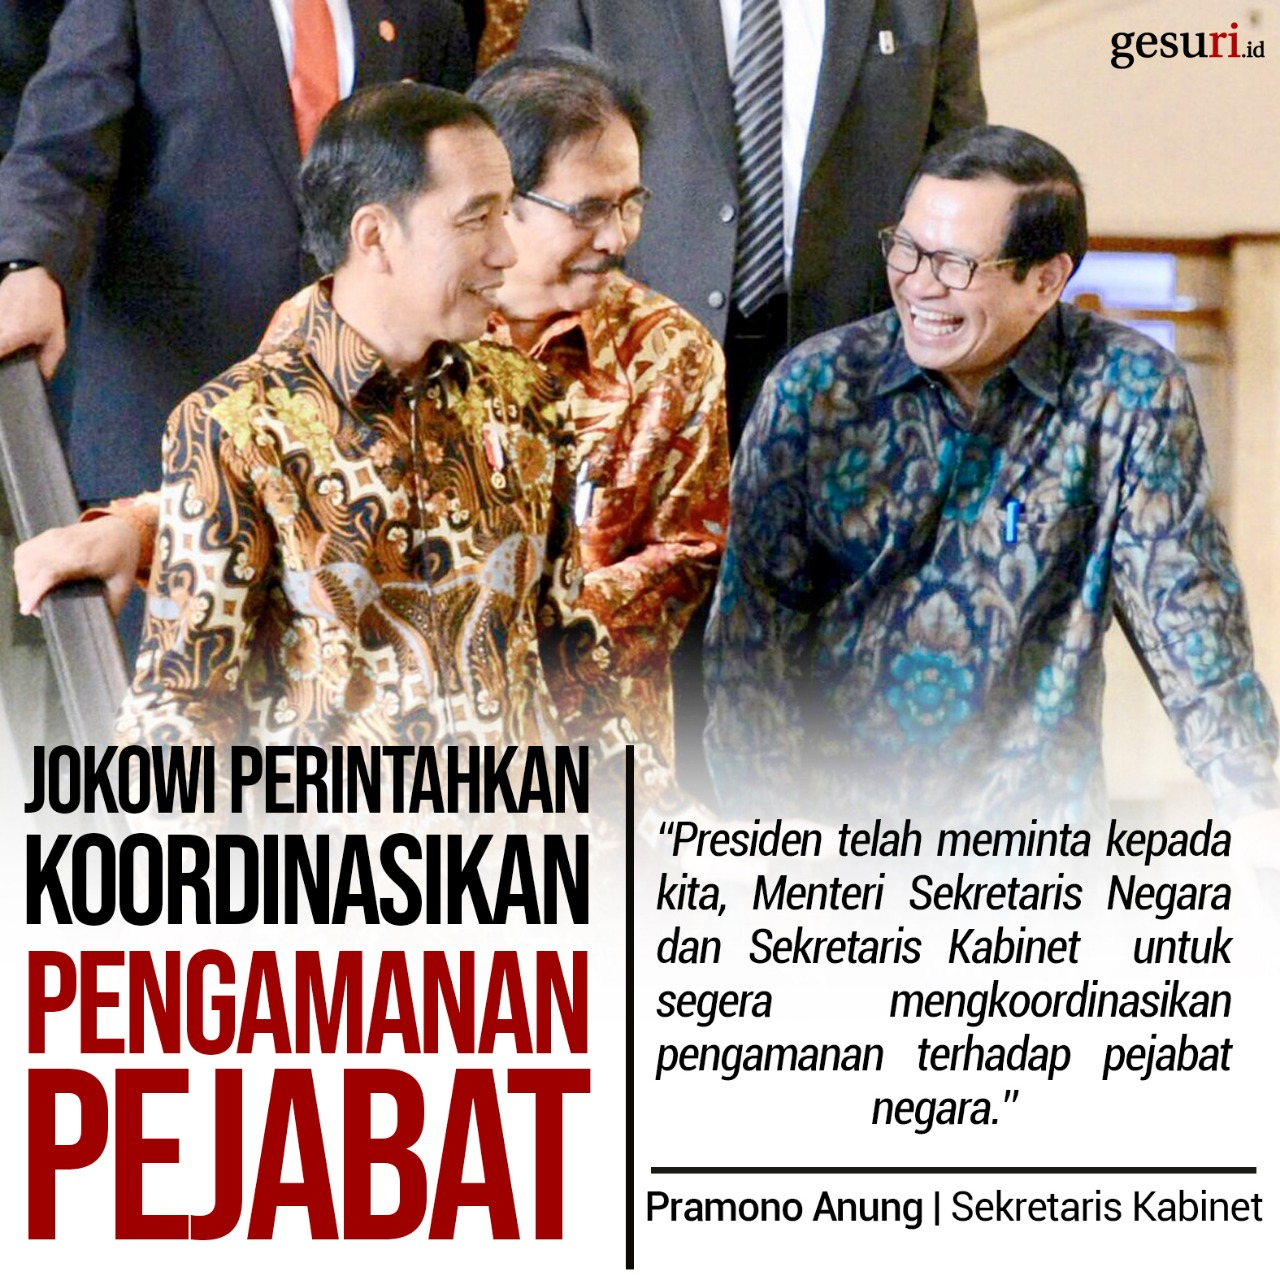 Jokowi Perintahkan Koordinasikan Pengamanan Pejabat